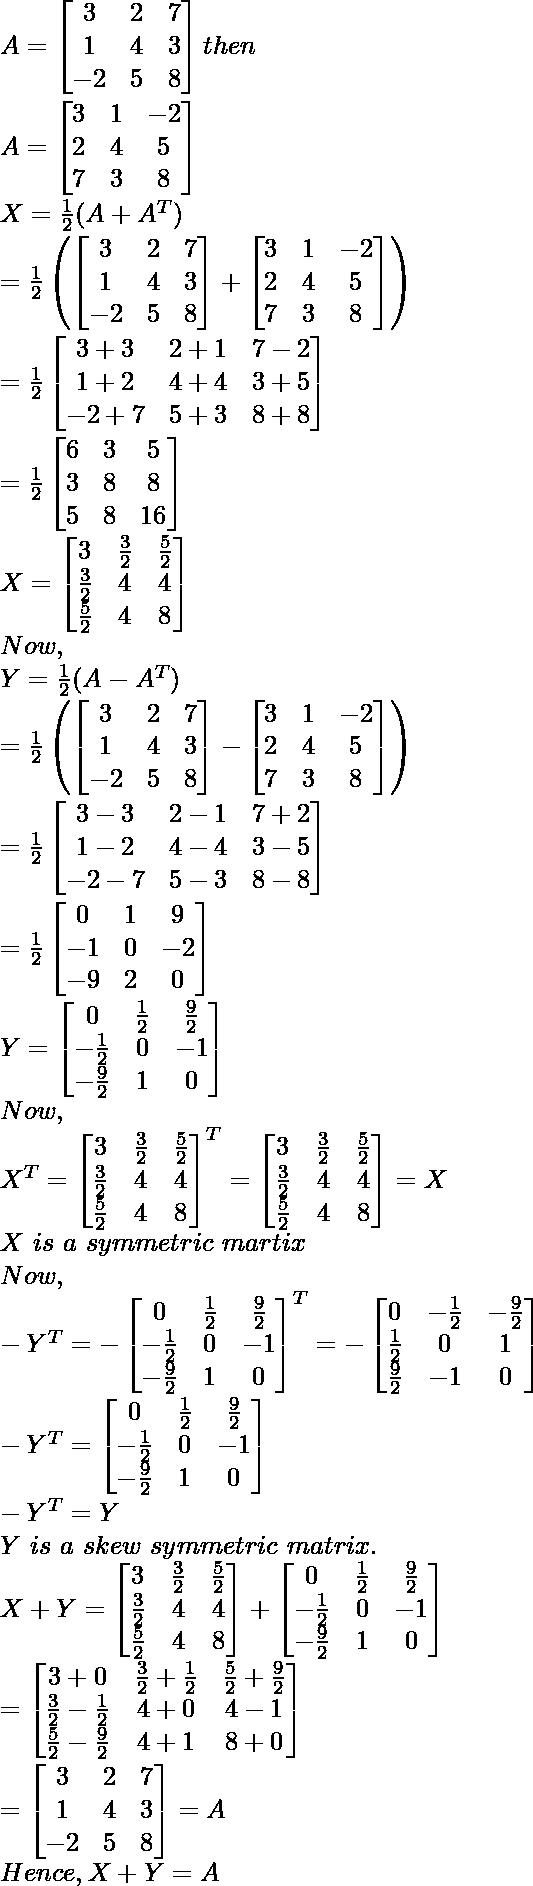 A=\begin{bmatrix}3 & 2 & 7\\1 & 4 & 3\\-2 & 5 & 8\end{bmatrix}then\\ A=\begin{bmatrix}3 & 1 & -2\\2 & 4 & 5\\7 & 3 & 8\end{bmatrix}\\ X=\frac{1}{2}(A+A^T)\\ =\frac{1}{2}\left(\begin{bmatrix}3 & 2 & 7\\1 & 4 & 3\\-2 & 5 & 8\end{bmatrix}+\begin{bmatrix}3 & 1 & -2\\2 & 4 & 5\\7 & 3 & 8\end{bmatrix}\right)\\ =\frac{1}{2}\begin{bmatrix}3+3 & 2+1 & 7-2\\1+2 & 4+4 & 3+5\\-2+7 & 5+3 & 8+8\end{bmatrix}\\ =\frac{1}{2}\begin{bmatrix}6 & 3 & 5\\3 & 8 & 8\\5 & 8 & 16\end{bmatrix}\\ X=\begin{bmatrix}3 & \frac{3}{2} & \frac{5}{2}\\\frac{3}{2} & 4 & 4\\\frac{5}{2} & 4 & 8\end{bmatrix}\\ Now,\\ Y=\frac{1}{2}(A-A^T)\\ =\frac{1}{2}\left(\begin{bmatrix}3 & 2 & 7\\1 & 4 & 3\\-2 & 5 & 8\end{bmatrix}-\begin{bmatrix}3 & 1 & -2\\2 & 4 & 5\\7 & 3 & 8\end{bmatrix}\right)\\ =\frac{1}{2}\begin{bmatrix}3-3 & 2-1 & 7+2\\1-2 & 4-4 & 3-5\\-2-7 & 5-3 & 8-8\end{bmatrix}\\ =\frac{1}{2}\begin{bmatrix}0 & 1 & 9\\-1 & 0 & -2\\-9 & 2 & 0\end{bmatrix}\\ Y=\begin{bmatrix}0 & \frac{1}{2} & \frac{9}{2}\\-\frac{1}{2} & 0 & -1\\-\frac{9}{2} & 1 & 0\end{bmatrix}\\ Now,\\ X^T=\begin{bmatrix}3 & \frac{3}{2} & \frac{5}{2}\\\frac{3}{2} & 4 & 4\\\frac{5}{2} & 4 & 8\end{bmatrix}^T =\begin{bmatrix}3 & \frac{3}{2} & \frac{5}{2}\\\frac{3}{2} & 4 & 4\\\frac{5}{2} & 4 & 8\end{bmatrix}=X\\ X\ is\ a\ symmetric\ martix\\ Now,\\ -Y^T=-\begin{bmatrix}0 & \frac{1}{2} & \frac{9}{2}\\-\frac{1}{2} & 0 & -1\\-\frac{9}{2} & 1 & 0\end{bmatrix}^T=-\begin{bmatrix}0 & -\frac{1}{2} & -\frac{9}{2}\\\frac{1}{2} & 0 & 1\\\frac{9}{2} & -1 & 0\end{bmatrix}\\ -Y^T=\begin{bmatrix}0 & \frac{1}{2} & \frac{9}{2}\\-\frac{1}{2} & 0 & -1\\-\frac{9}{2} & 1 & 0\end{bmatrix}\\ -Y^T=Y\\ Y\ is\ a\ skew\ symmetric\ matrix.\\ X+Y=\begin{bmatrix}3 & \frac{3}{2} & \frac{5}{2}\\\frac{3}{2} & 4 & 4\\\frac{5}{2} & 4 & 8\end{bmatrix}+\begin{bmatrix}0 & \frac{1}{2} & \frac{9}{2}\\-\frac{1}{2} & 0 & -1\\-\frac{9}{2} & 1 & 0\end{bmatrix}\\ =\begin{bmatrix}3+0 & \frac{3}{2}+\frac{1}{2} & \frac{5}{2}+\frac{9}{2}\\\frac{3}{2}-\frac{1}{2} & 4+0 & 4-1\\\frac{5}{2}-\frac{9